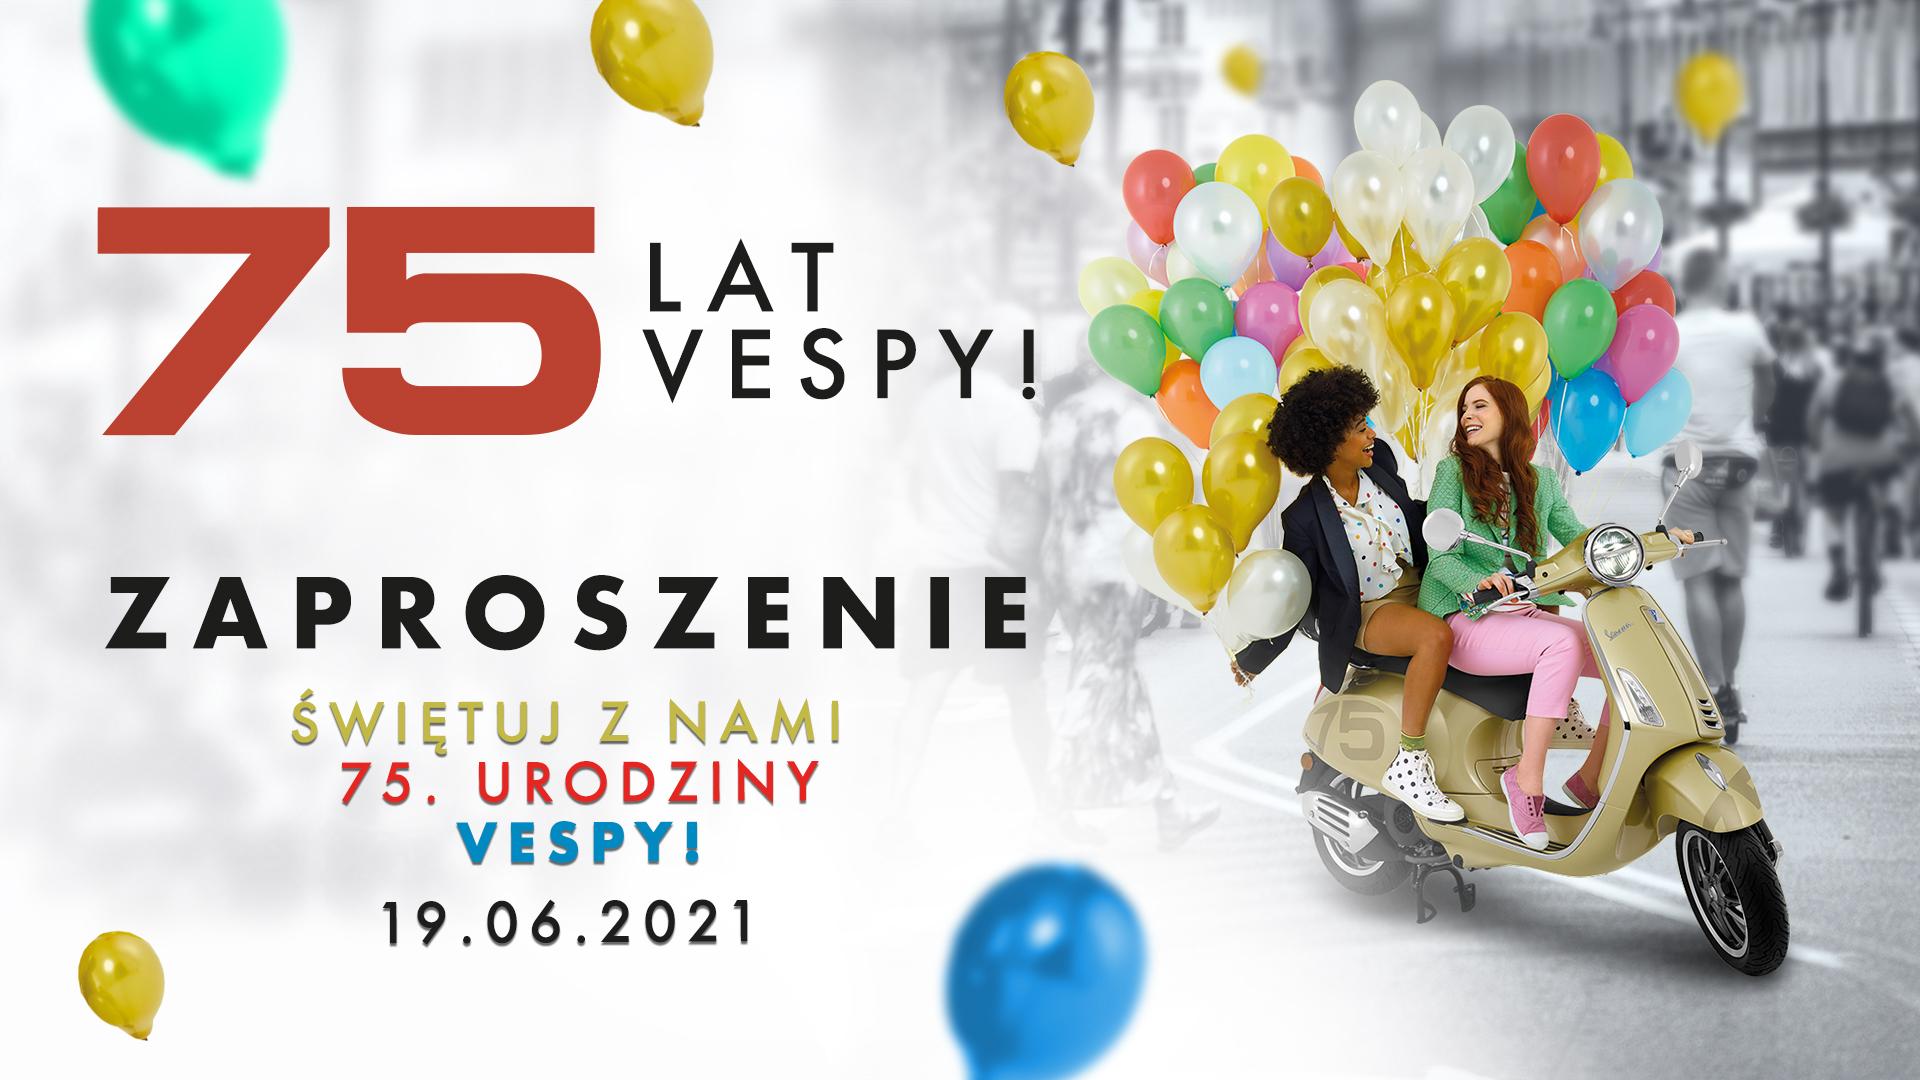 75 lat Vespy - urodziny